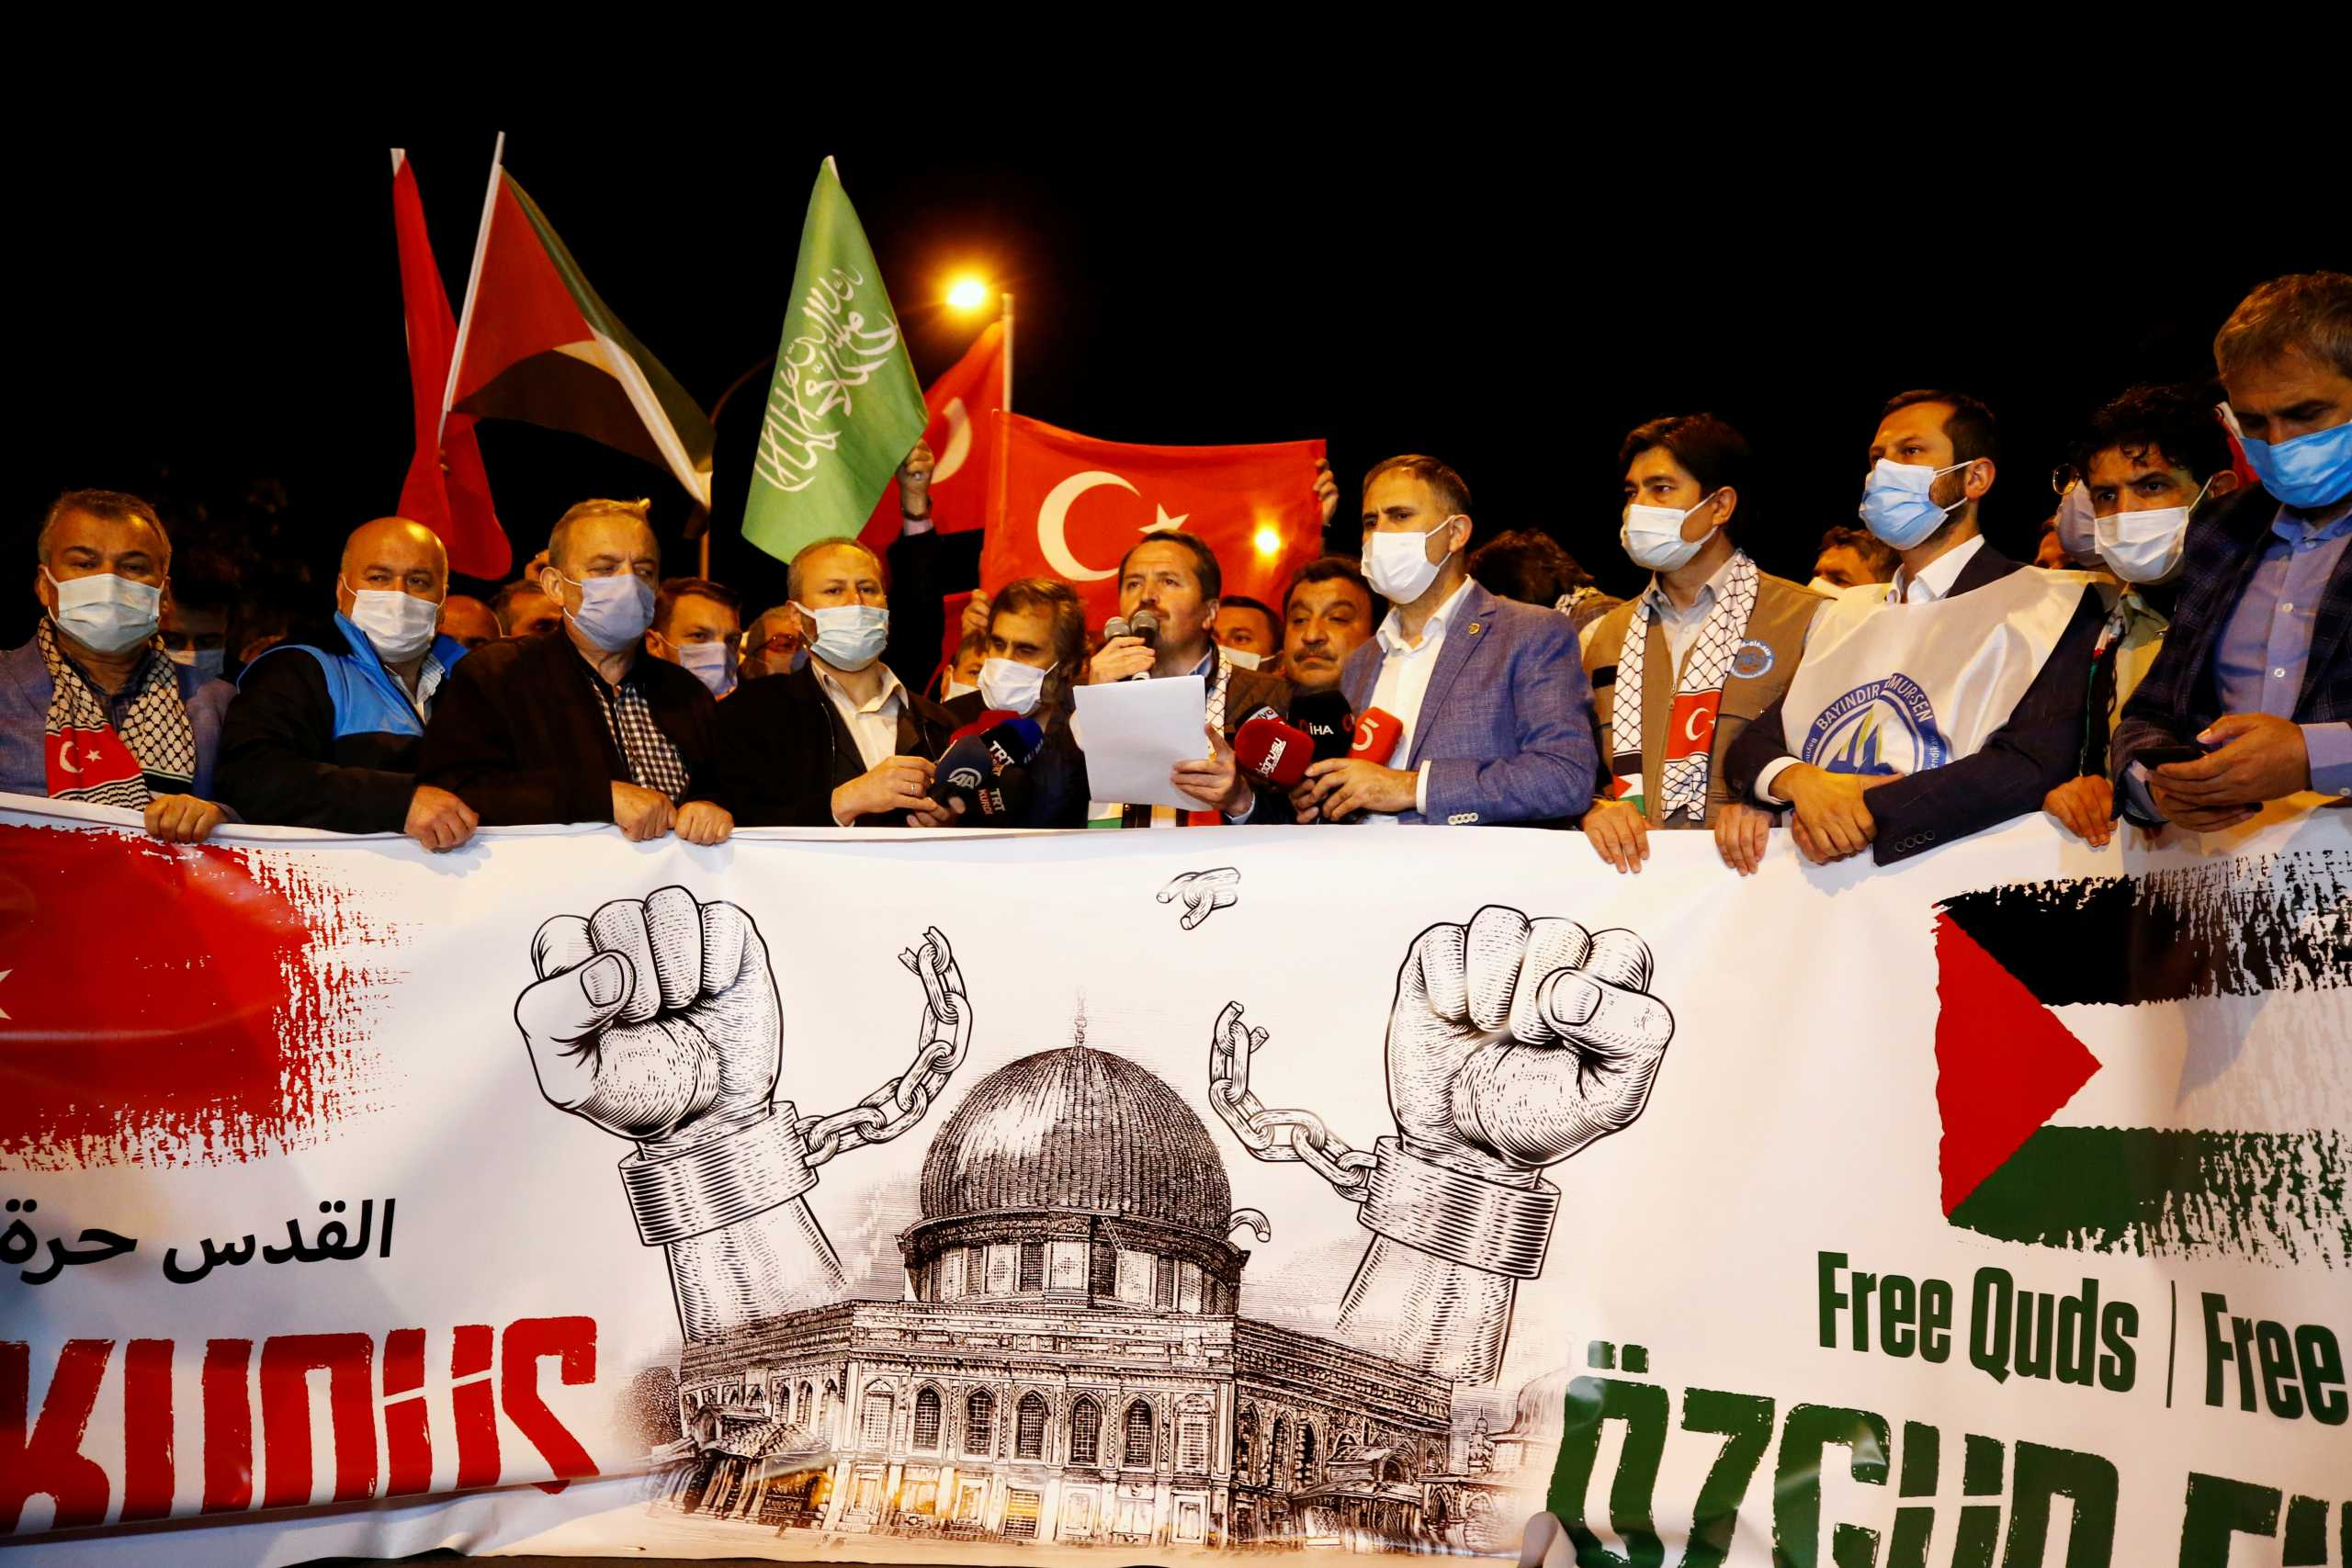 Τουρκία: Διαδηλώσεις σε Κωνσταντινούπολη και Άγκυρα κατά του Ισραήλ (pics, vid)